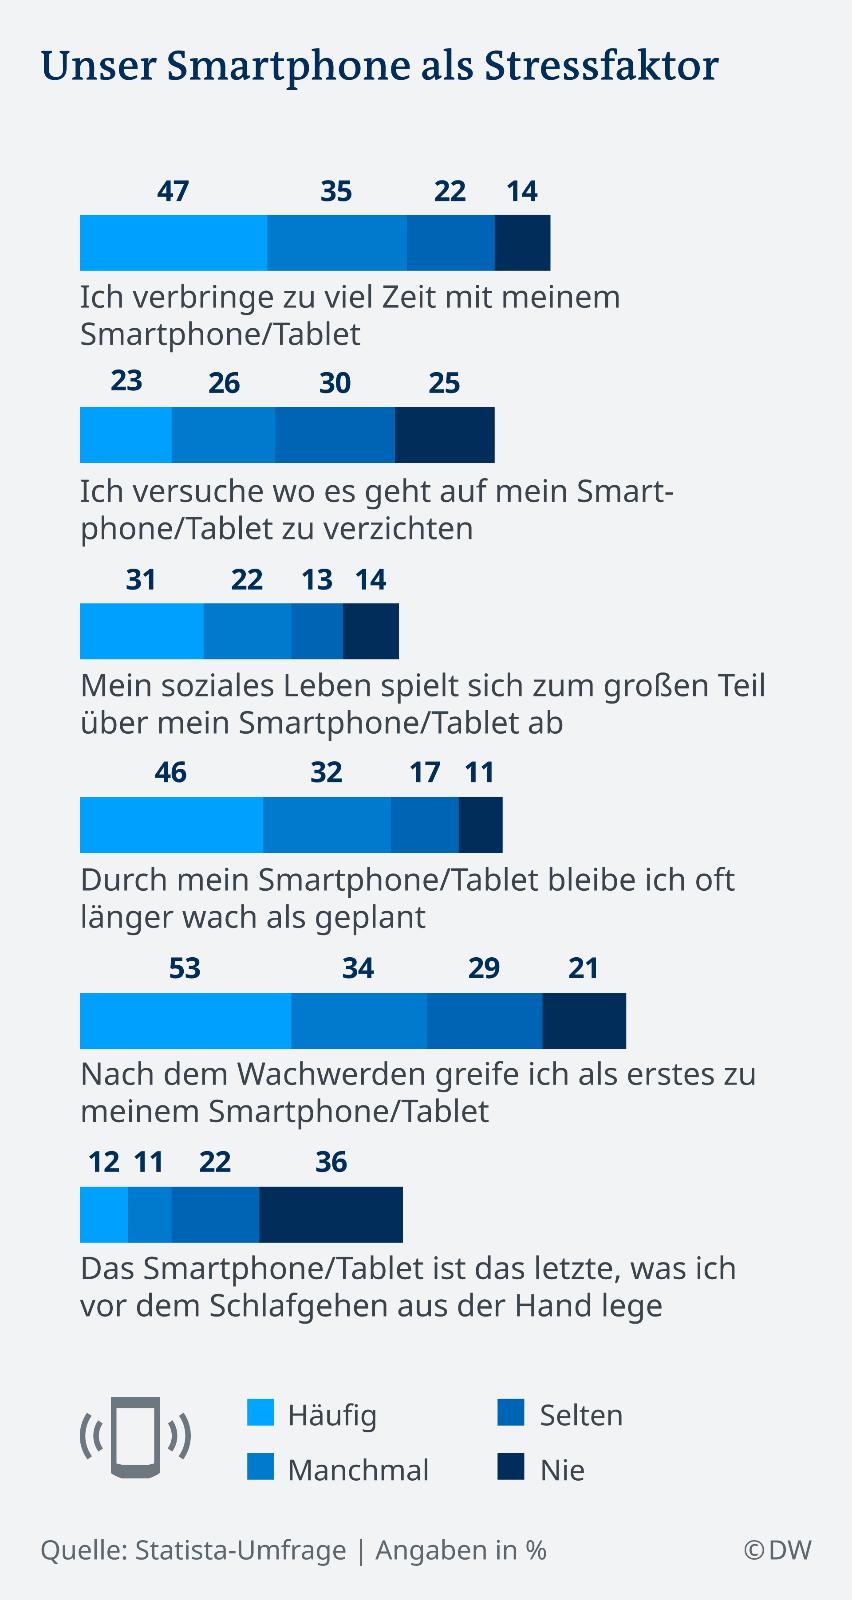 EIne Grafik zeigt, dass das Smartphone von vielen Menschen als Stressfaktor empfunden wird.